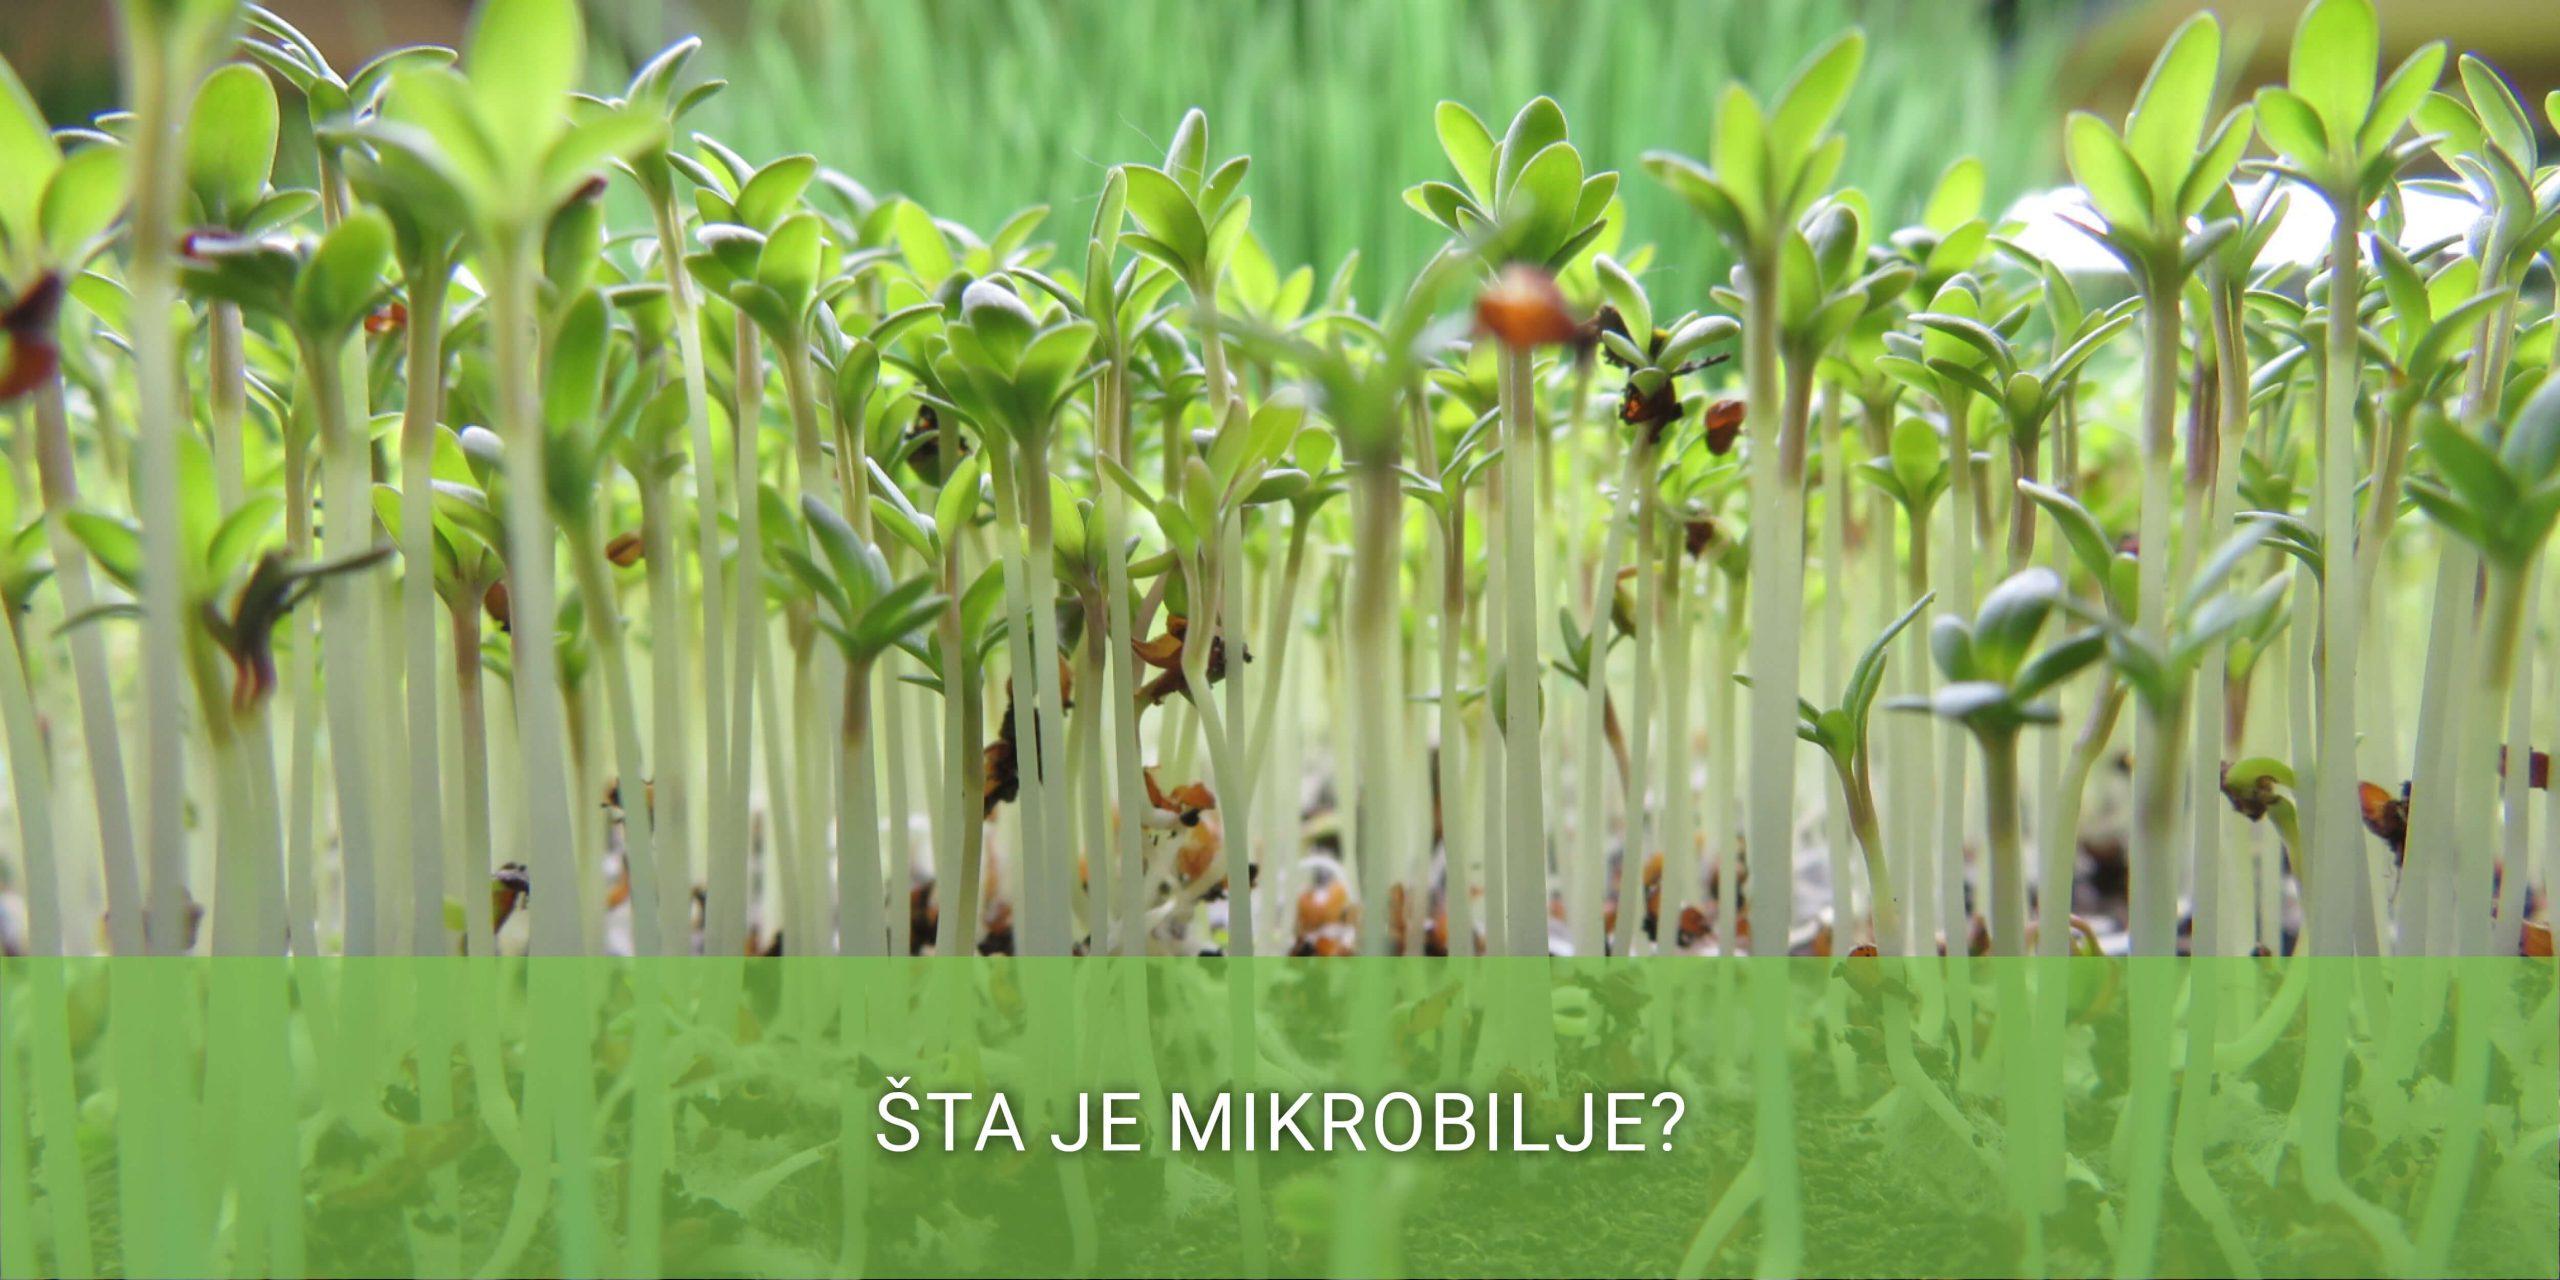 sta-je-mikrobilje